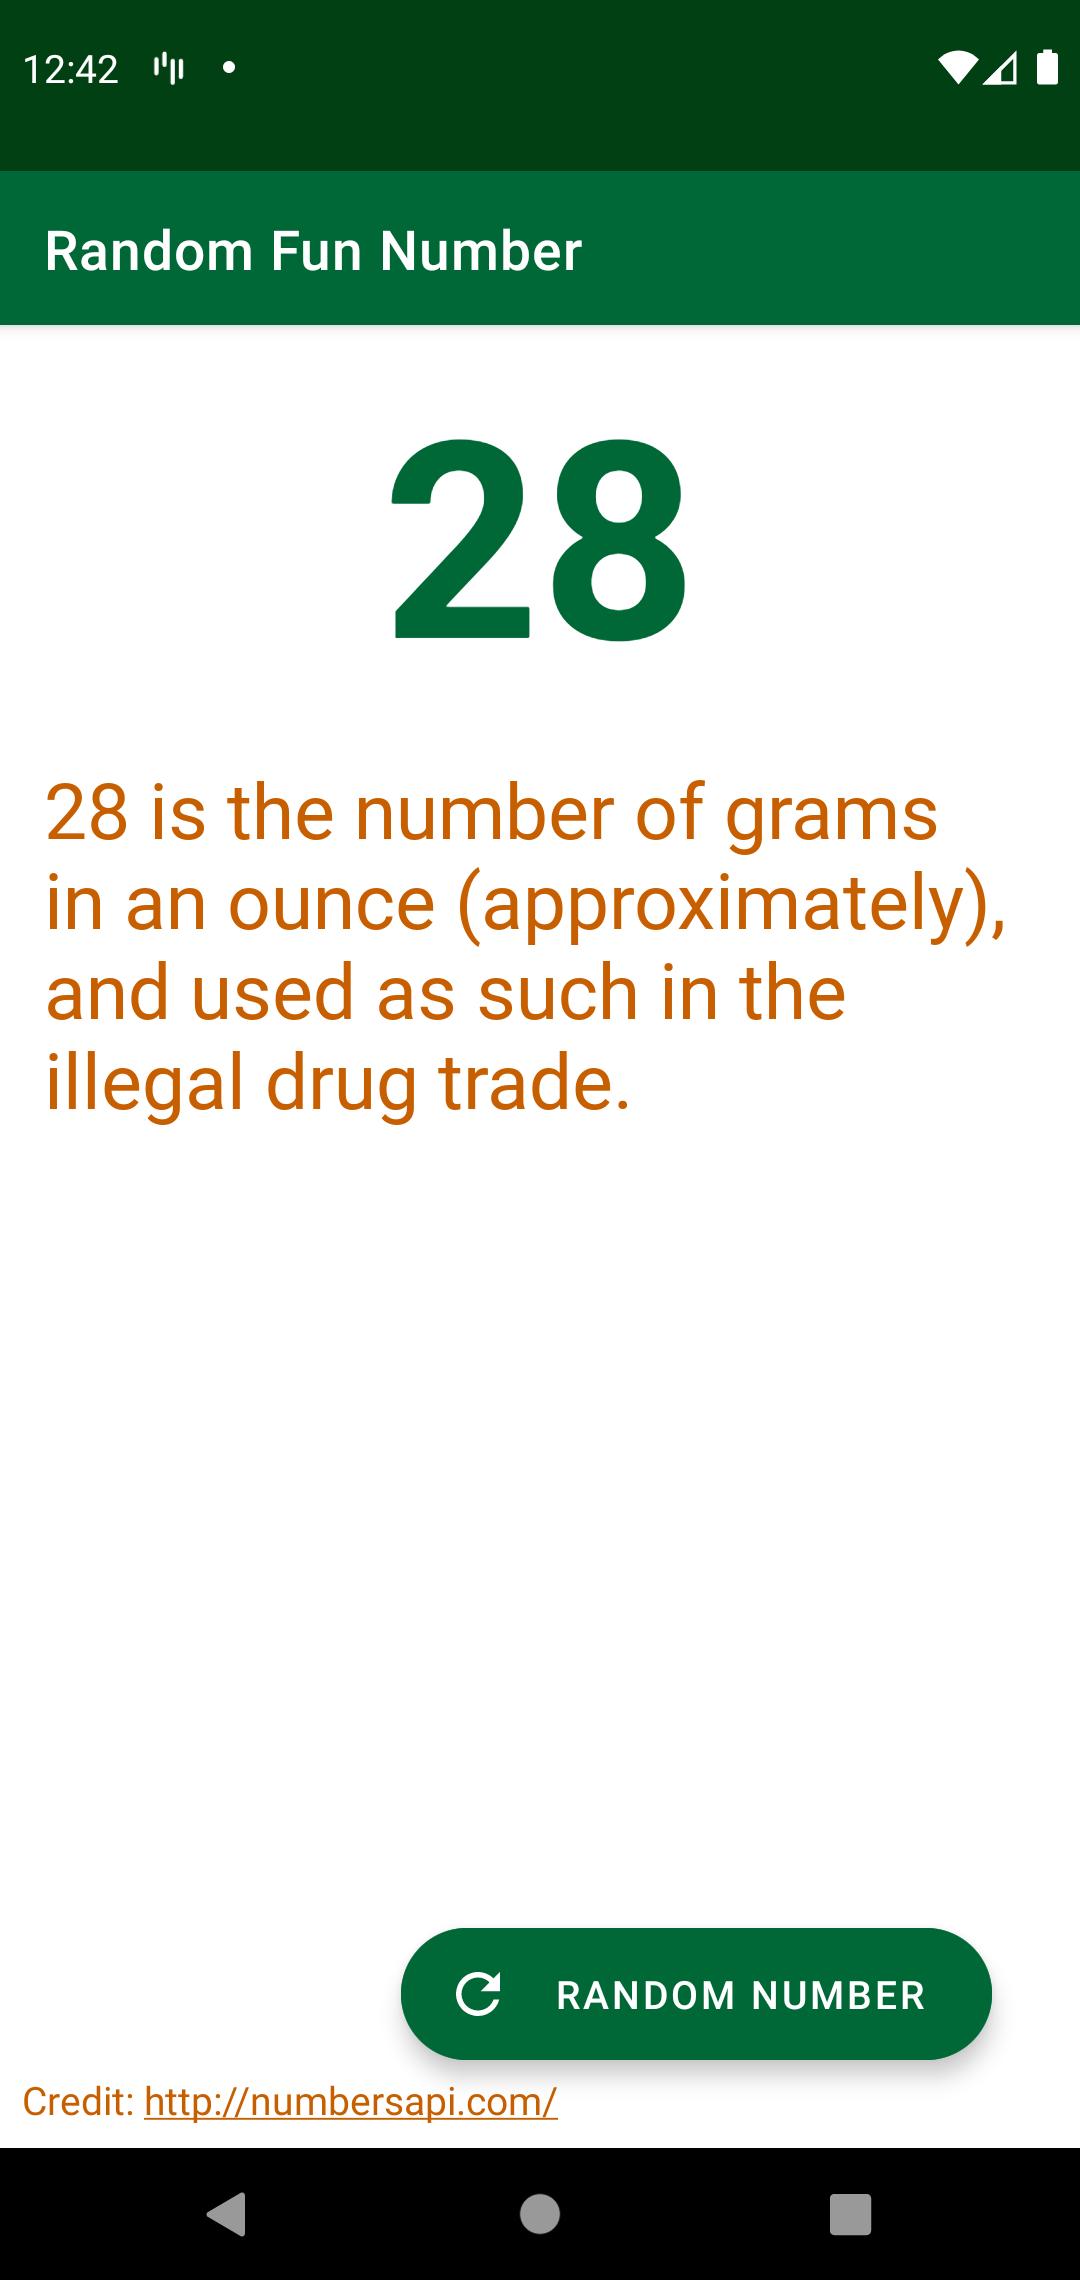 Figure 21.2 — The RandomFunNumber app